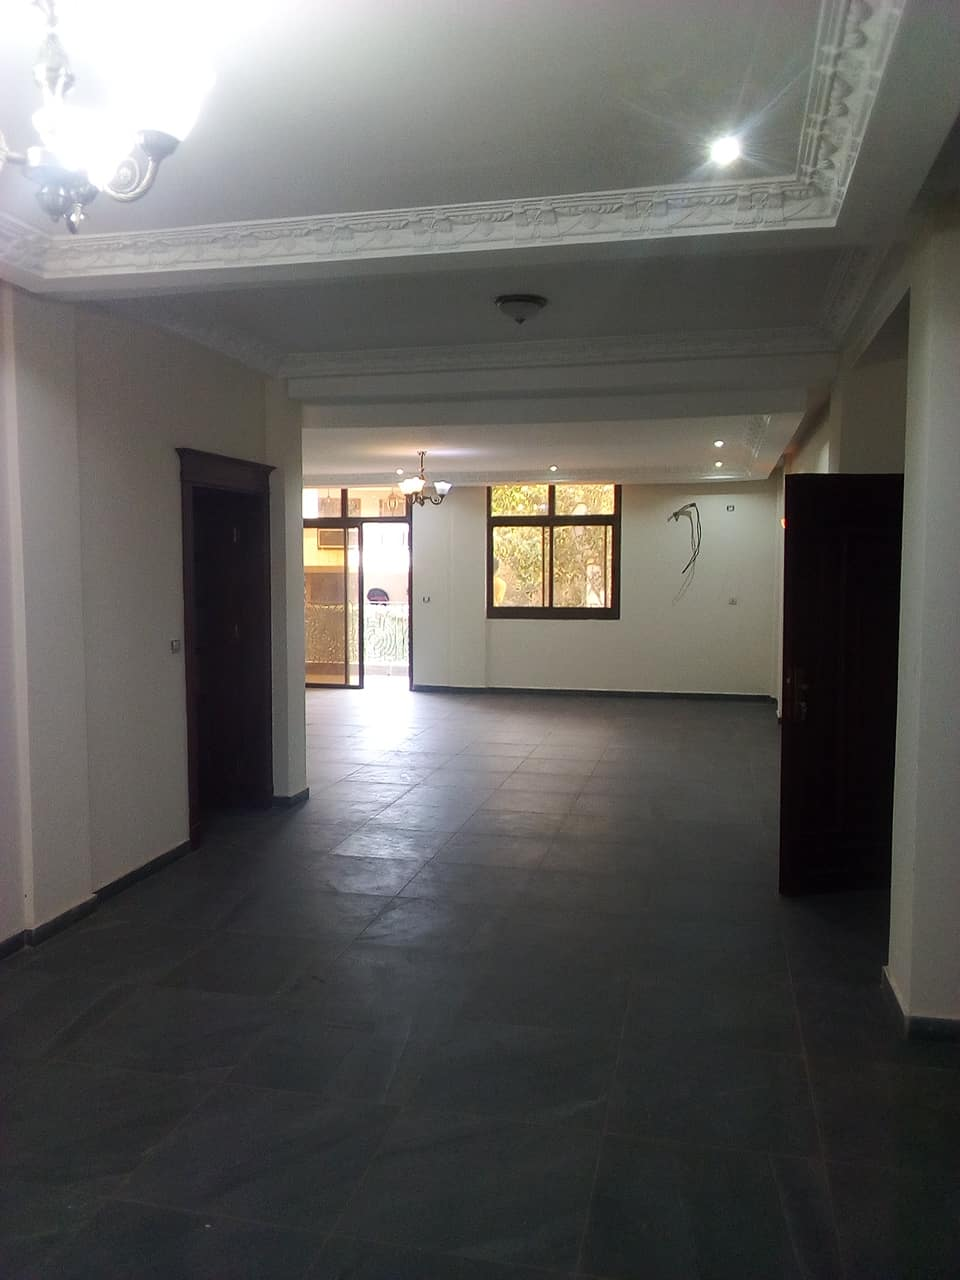 Appartement à louer - Yaoundé, Bastos, pas loin de snv - 1 salon(s), 4 chambre(s), 5 salle(s) de bains - 1 500 000 FCFA / mois